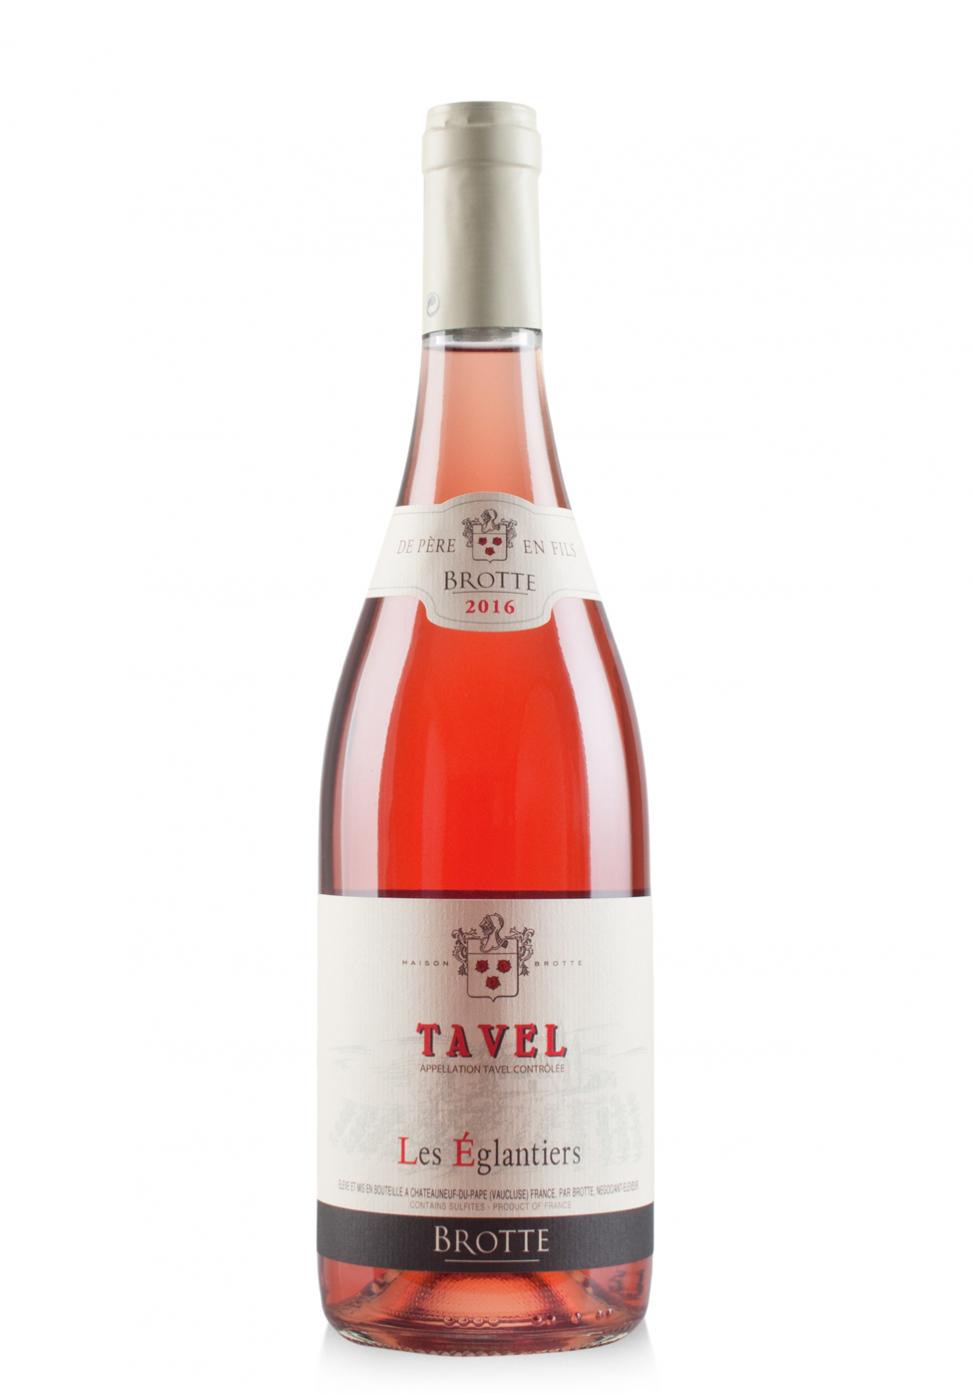 Vin Maison Brotte, Les Eglantiers, A.O.P. Tavel, 2016 (0.75L)